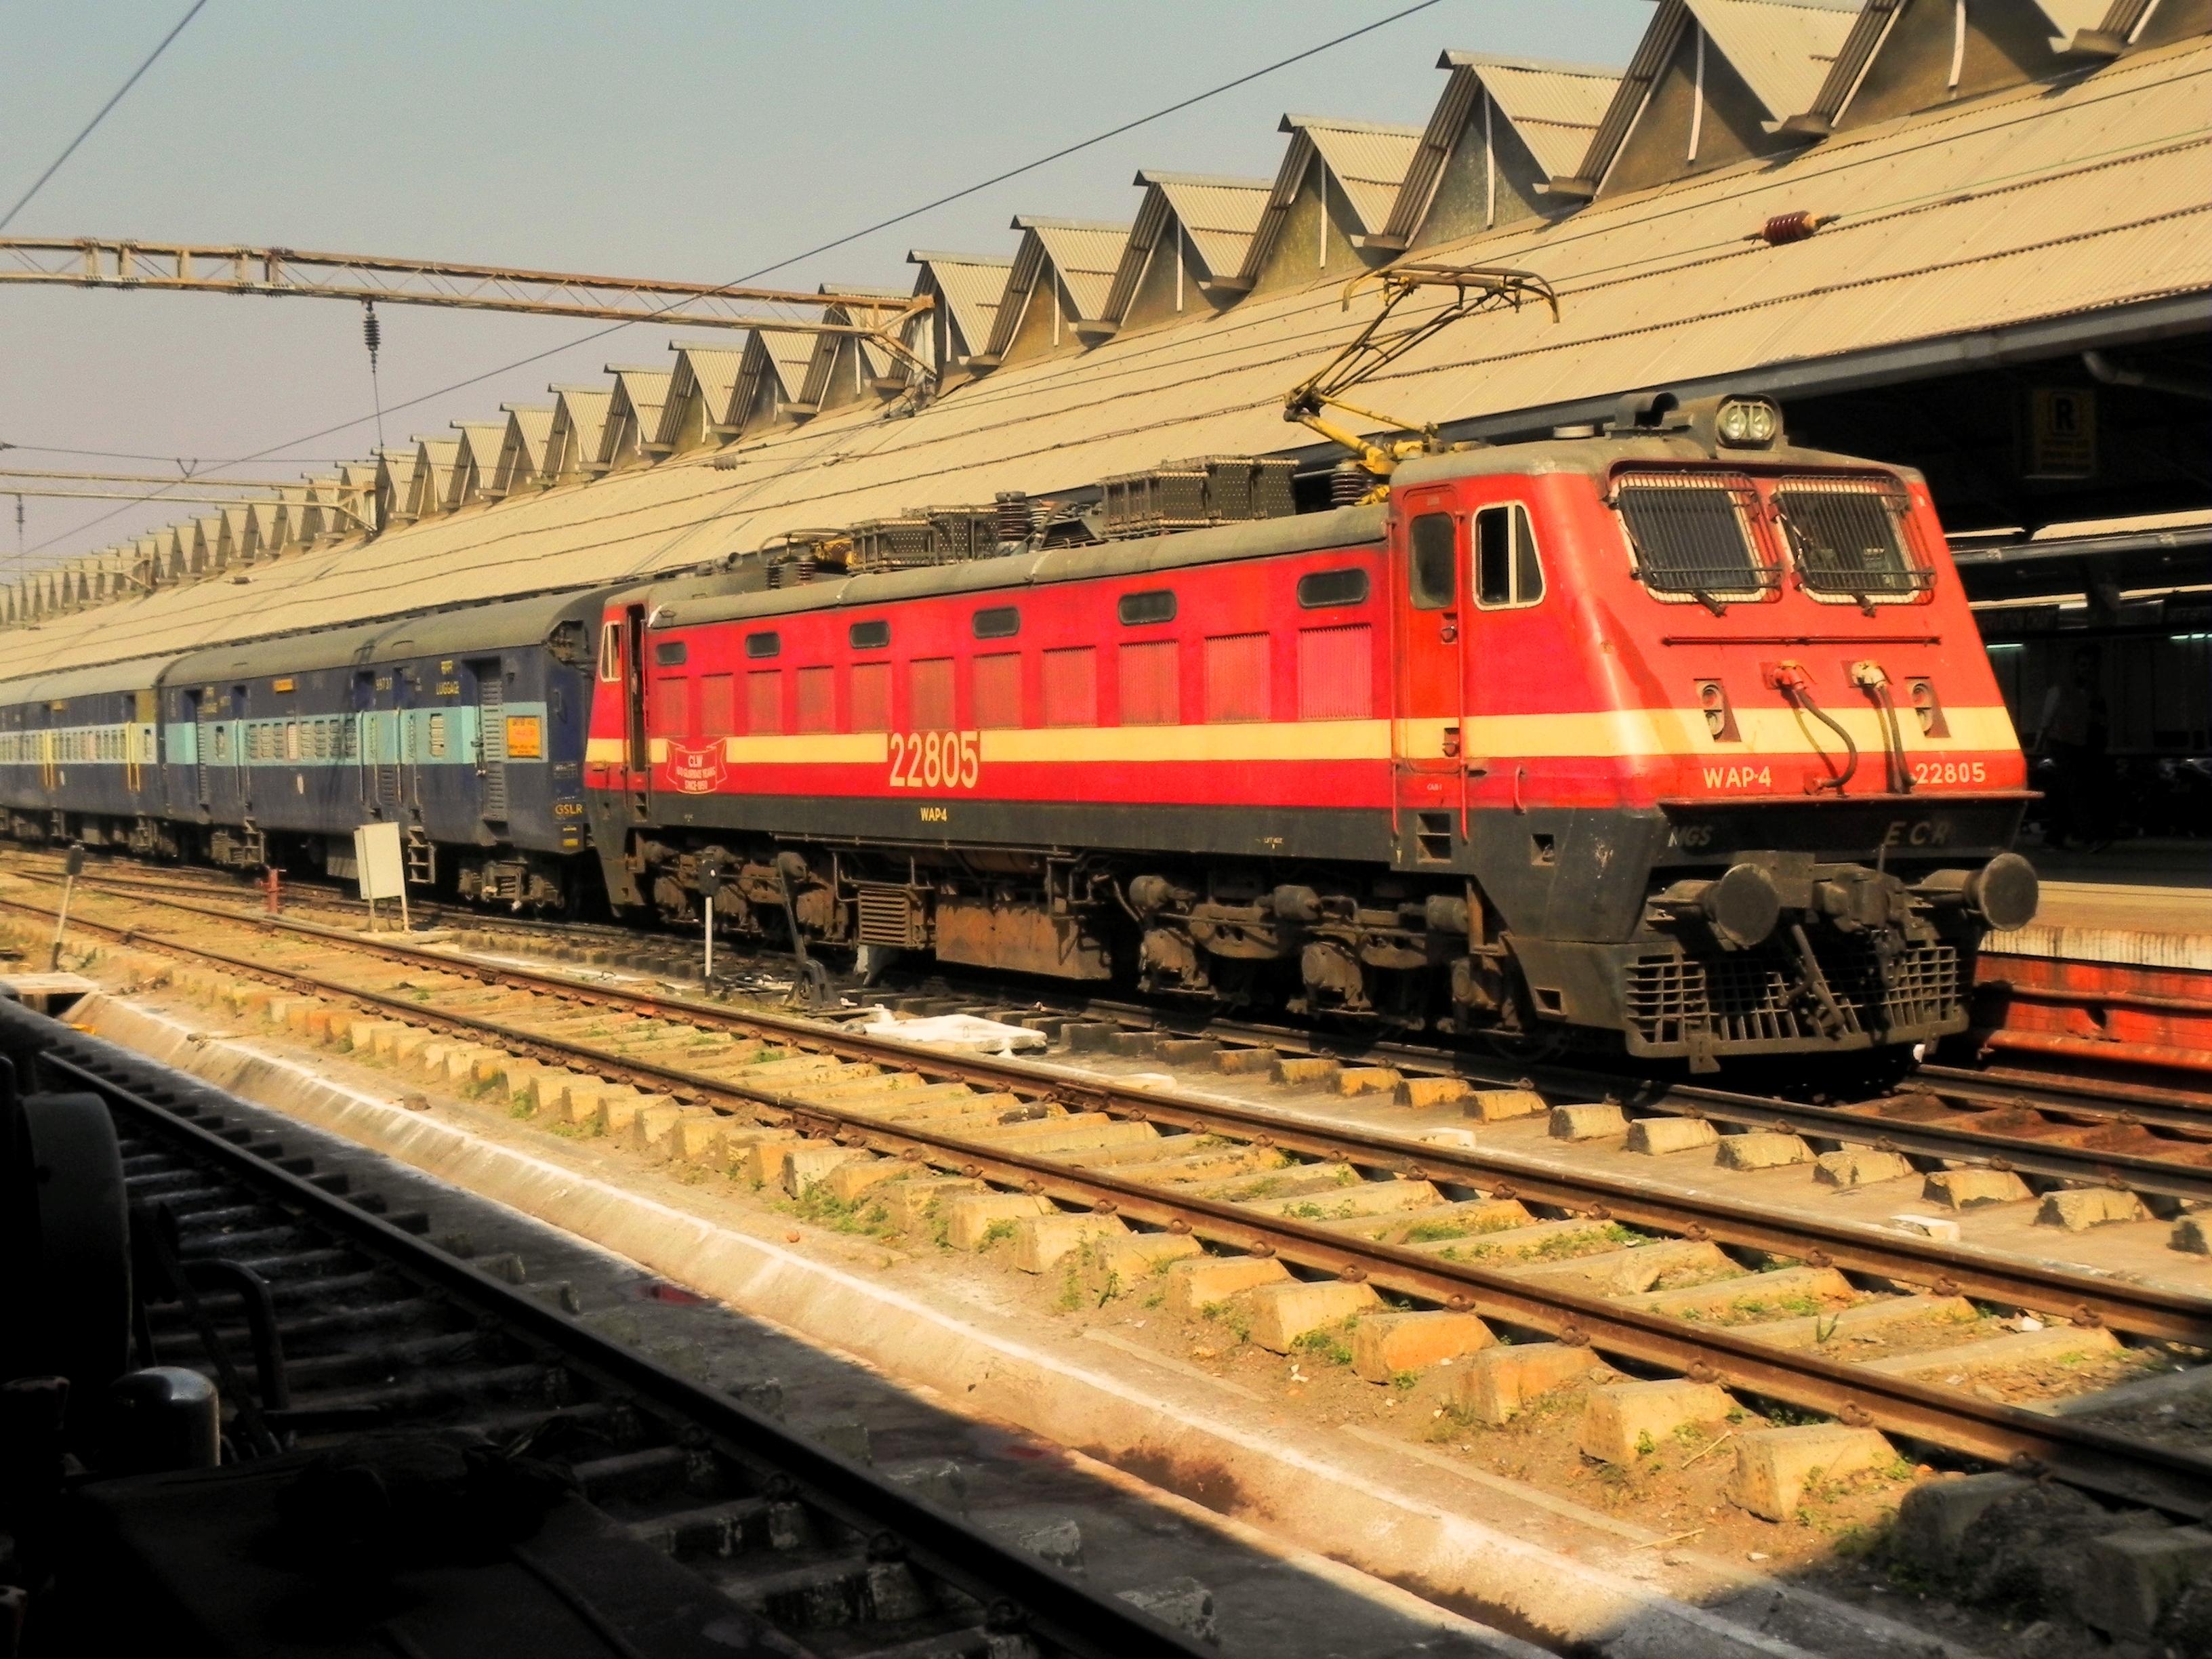 File:12340 (Dhanbad-Howrah) Coal Field Express.jpg